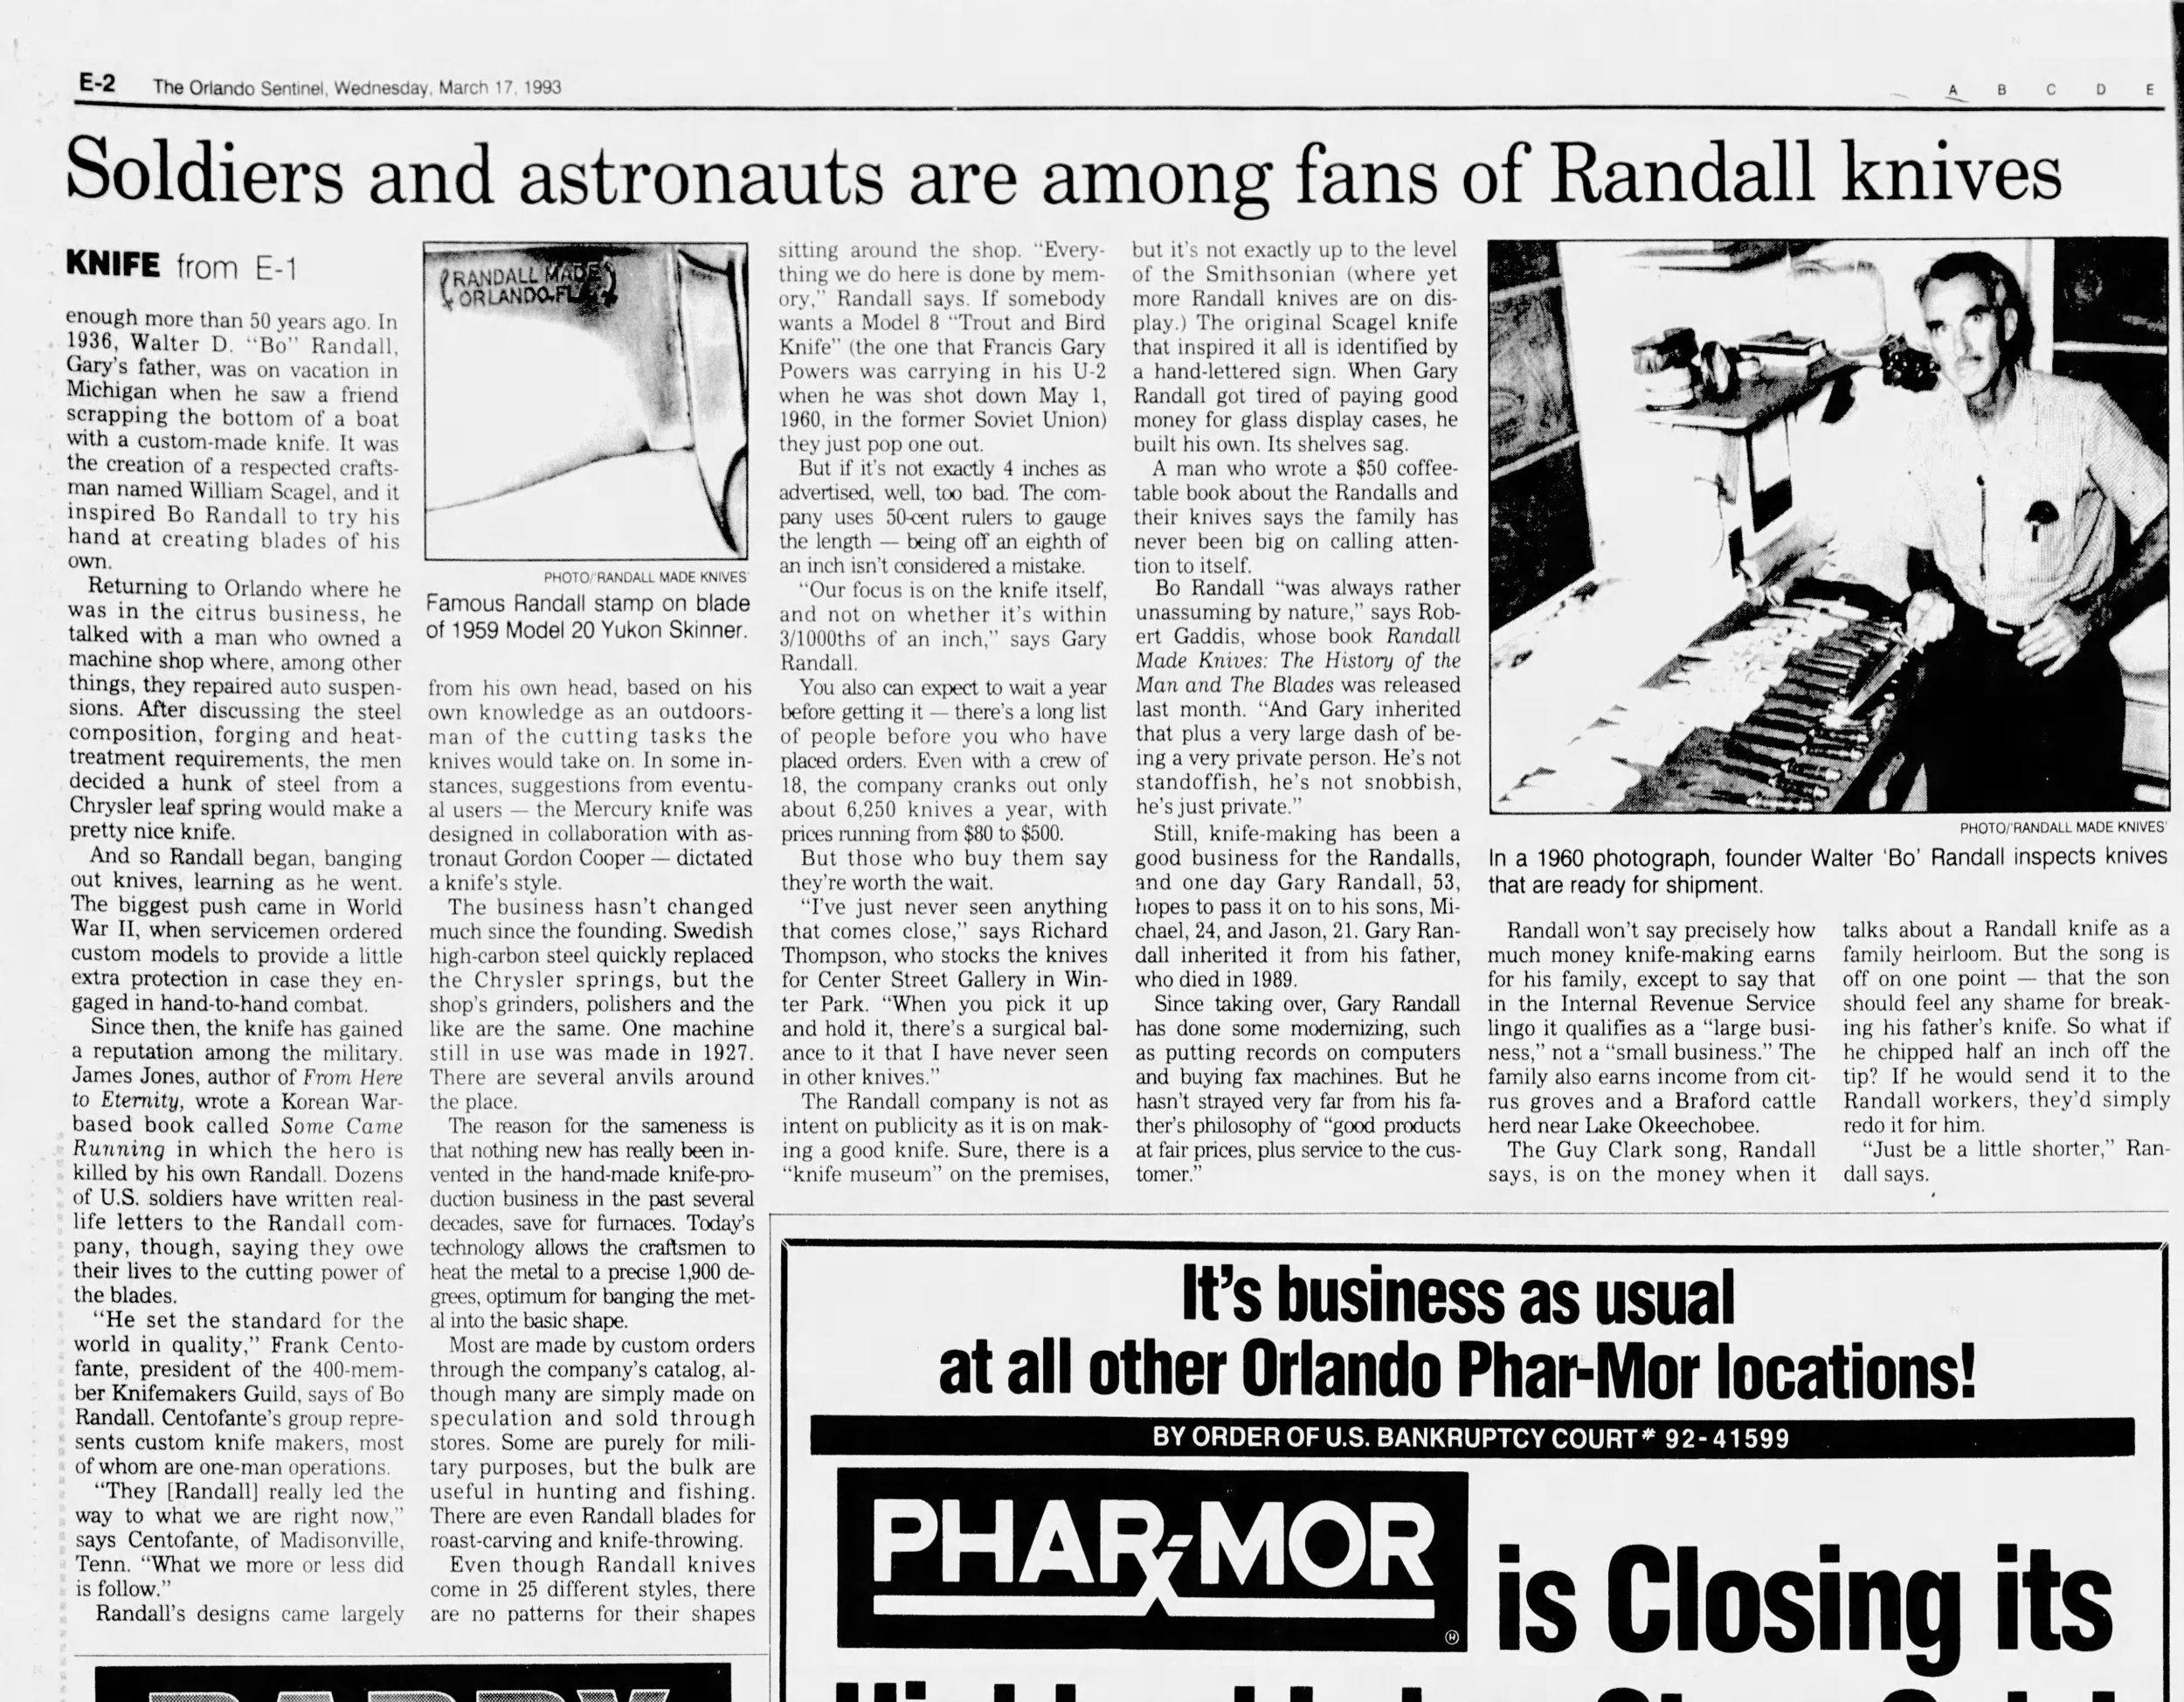 The_Orlando_Sentinel_Wed__Mar_17__1993_ (1).jpg